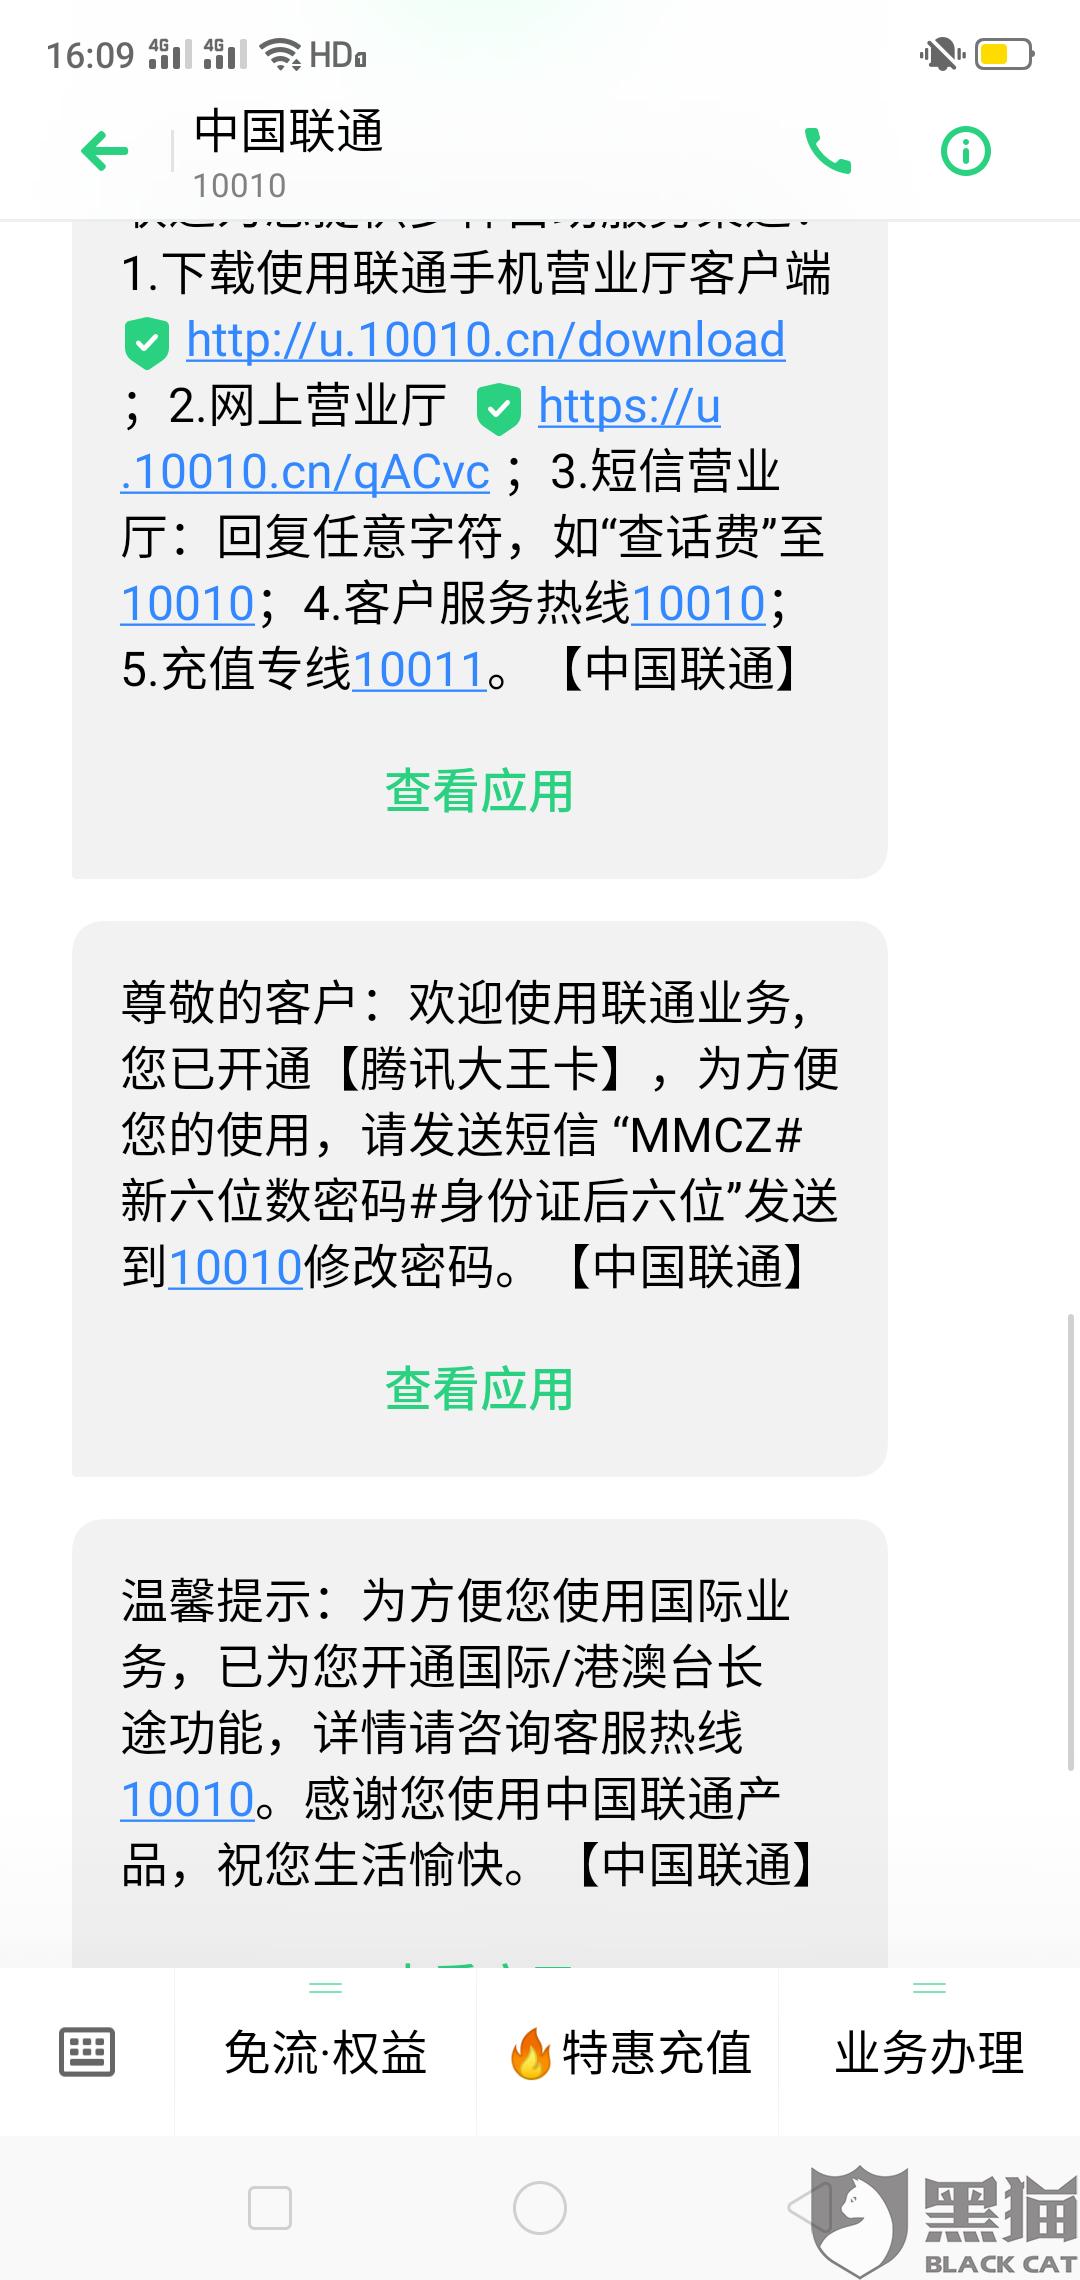 黑猫投诉:中国联通客服用时1小时解决了消费者投诉